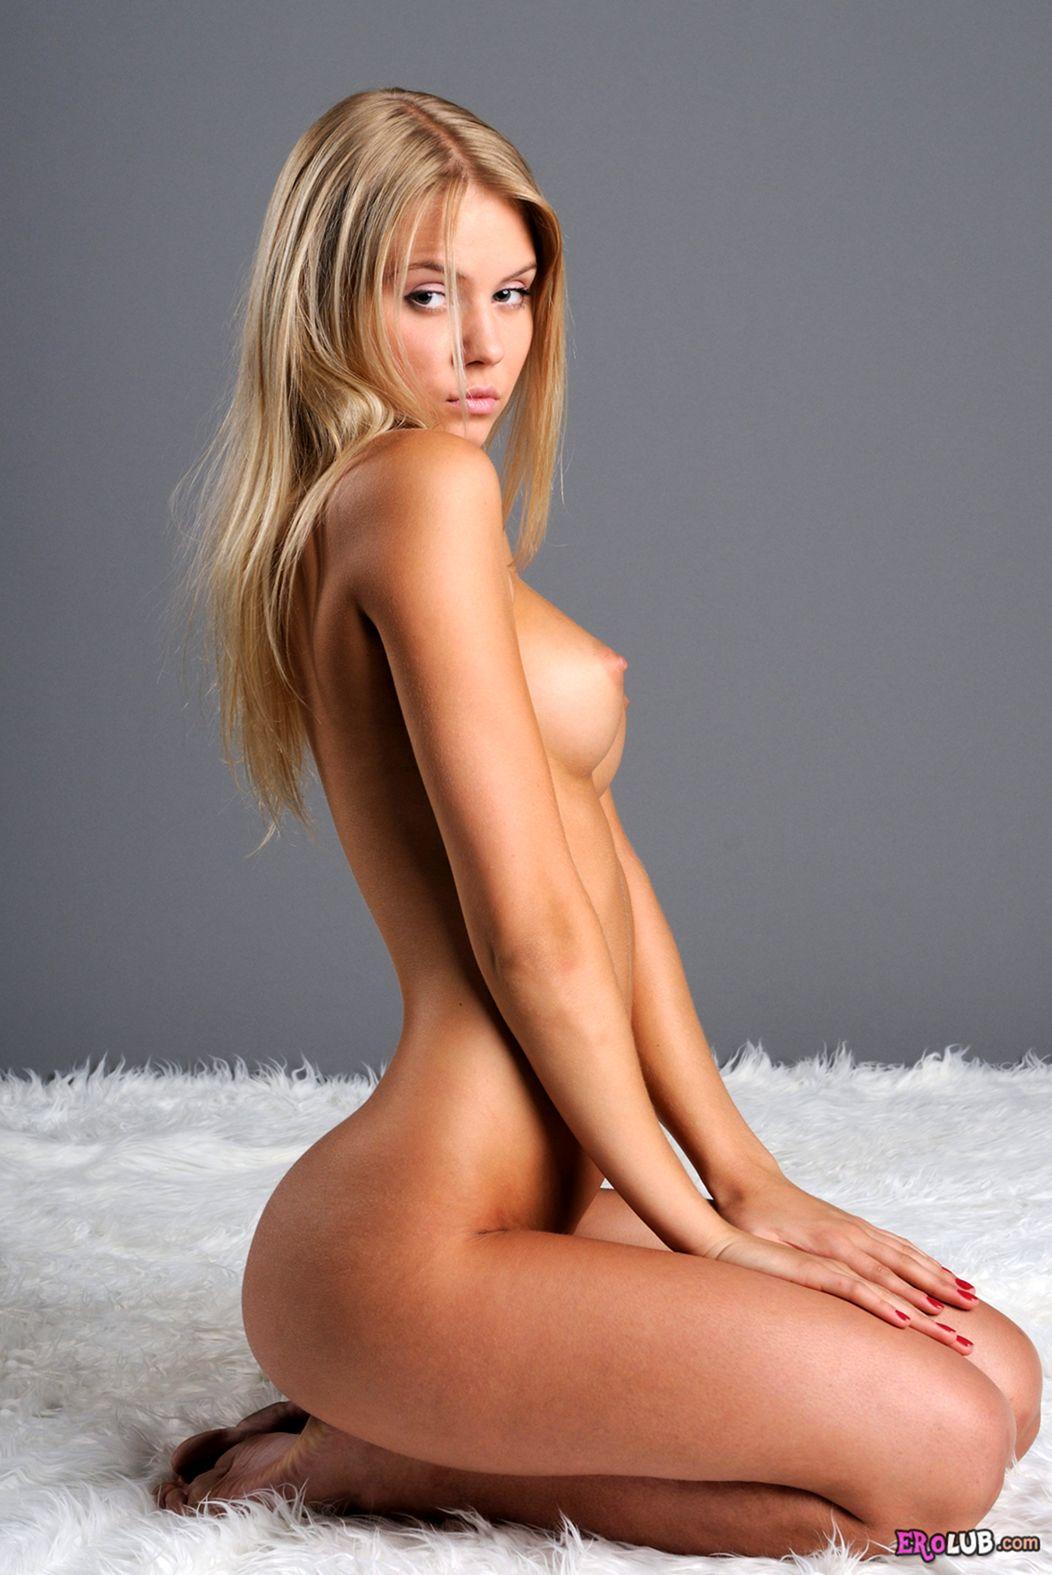 стриптиз видео с голыми девушками